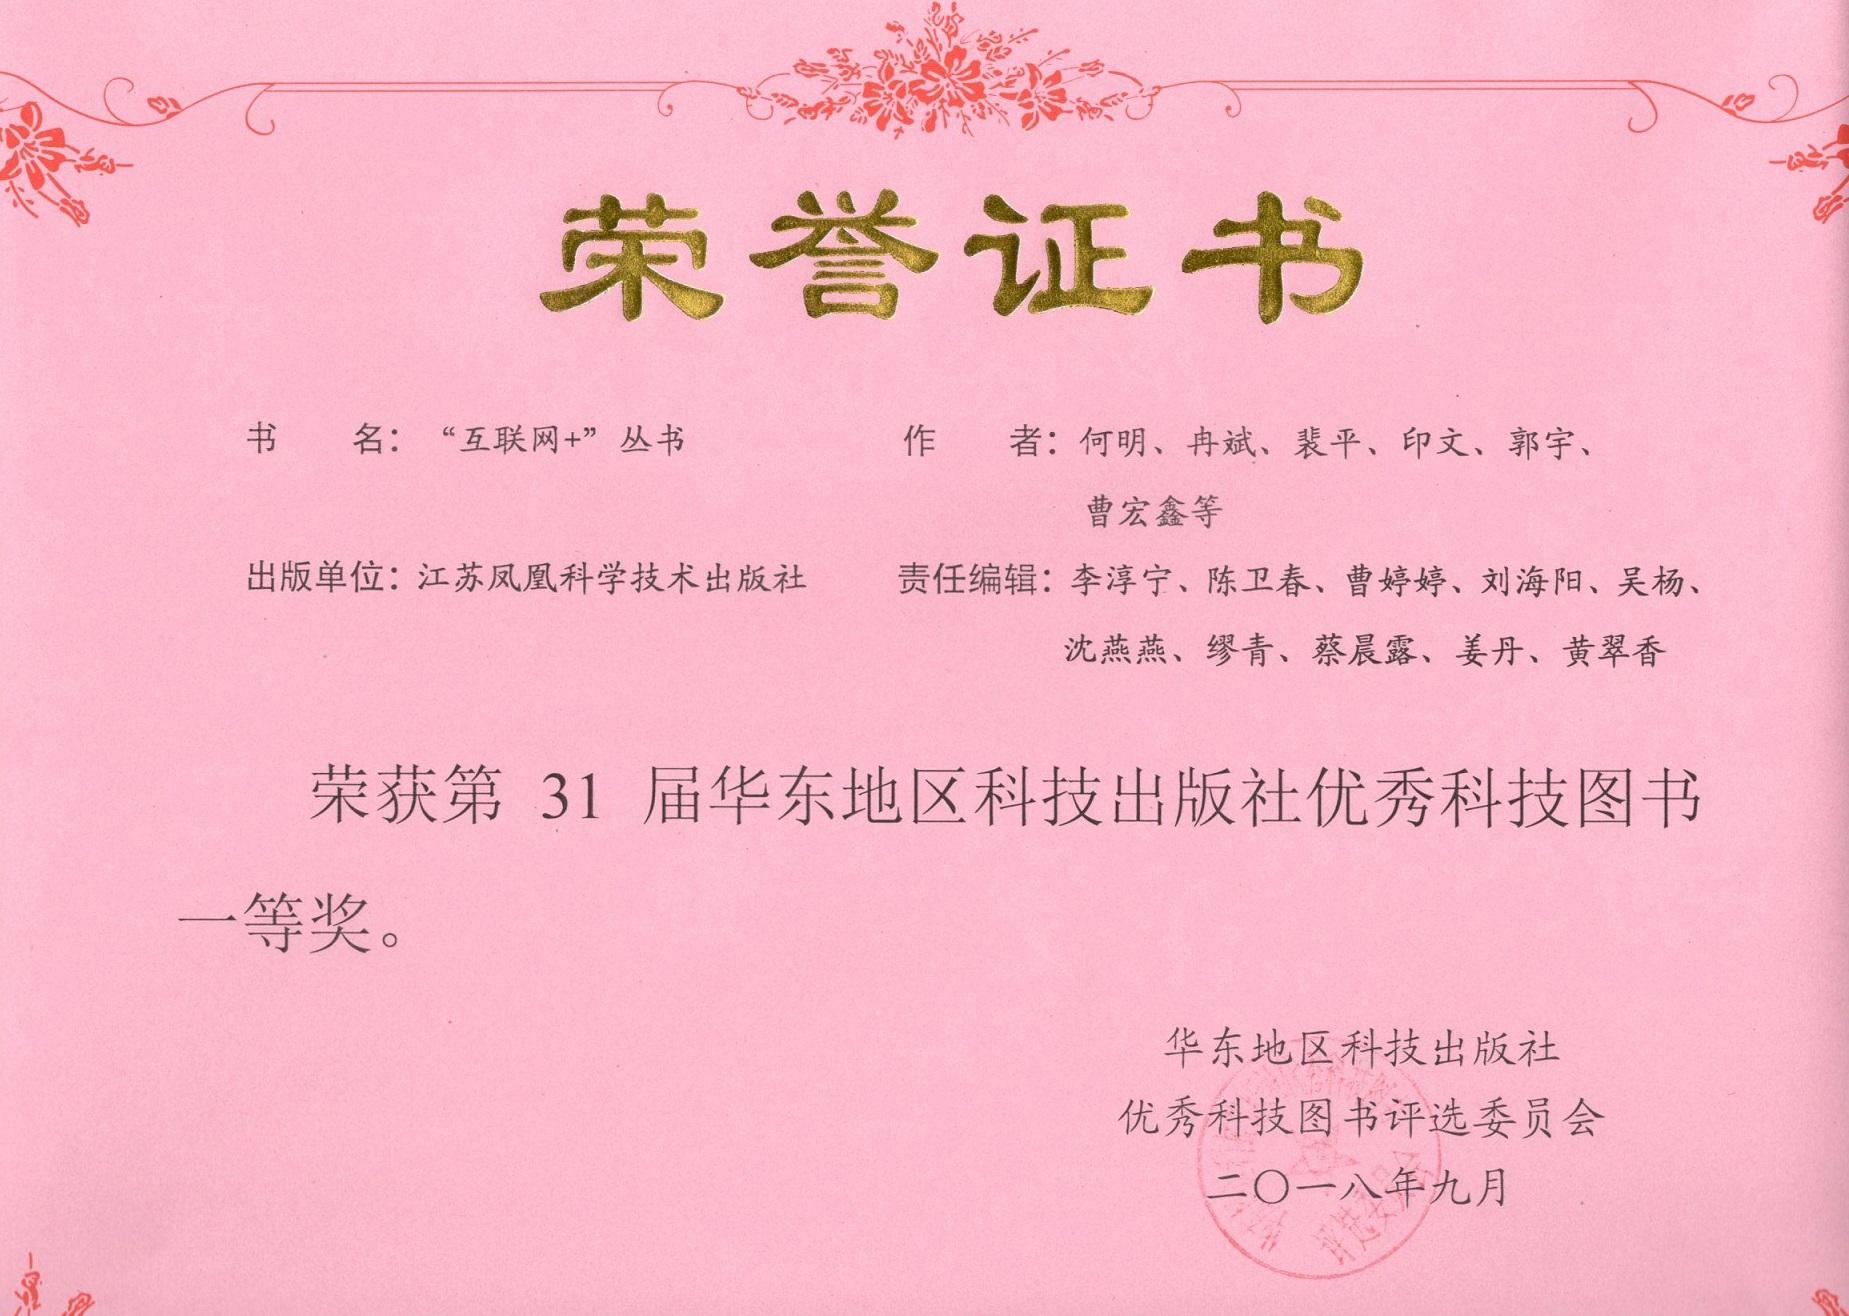 信息所曹宏鑫研究员主编著作荣获华东地区<br>科技出版社优秀科技图书一等奖